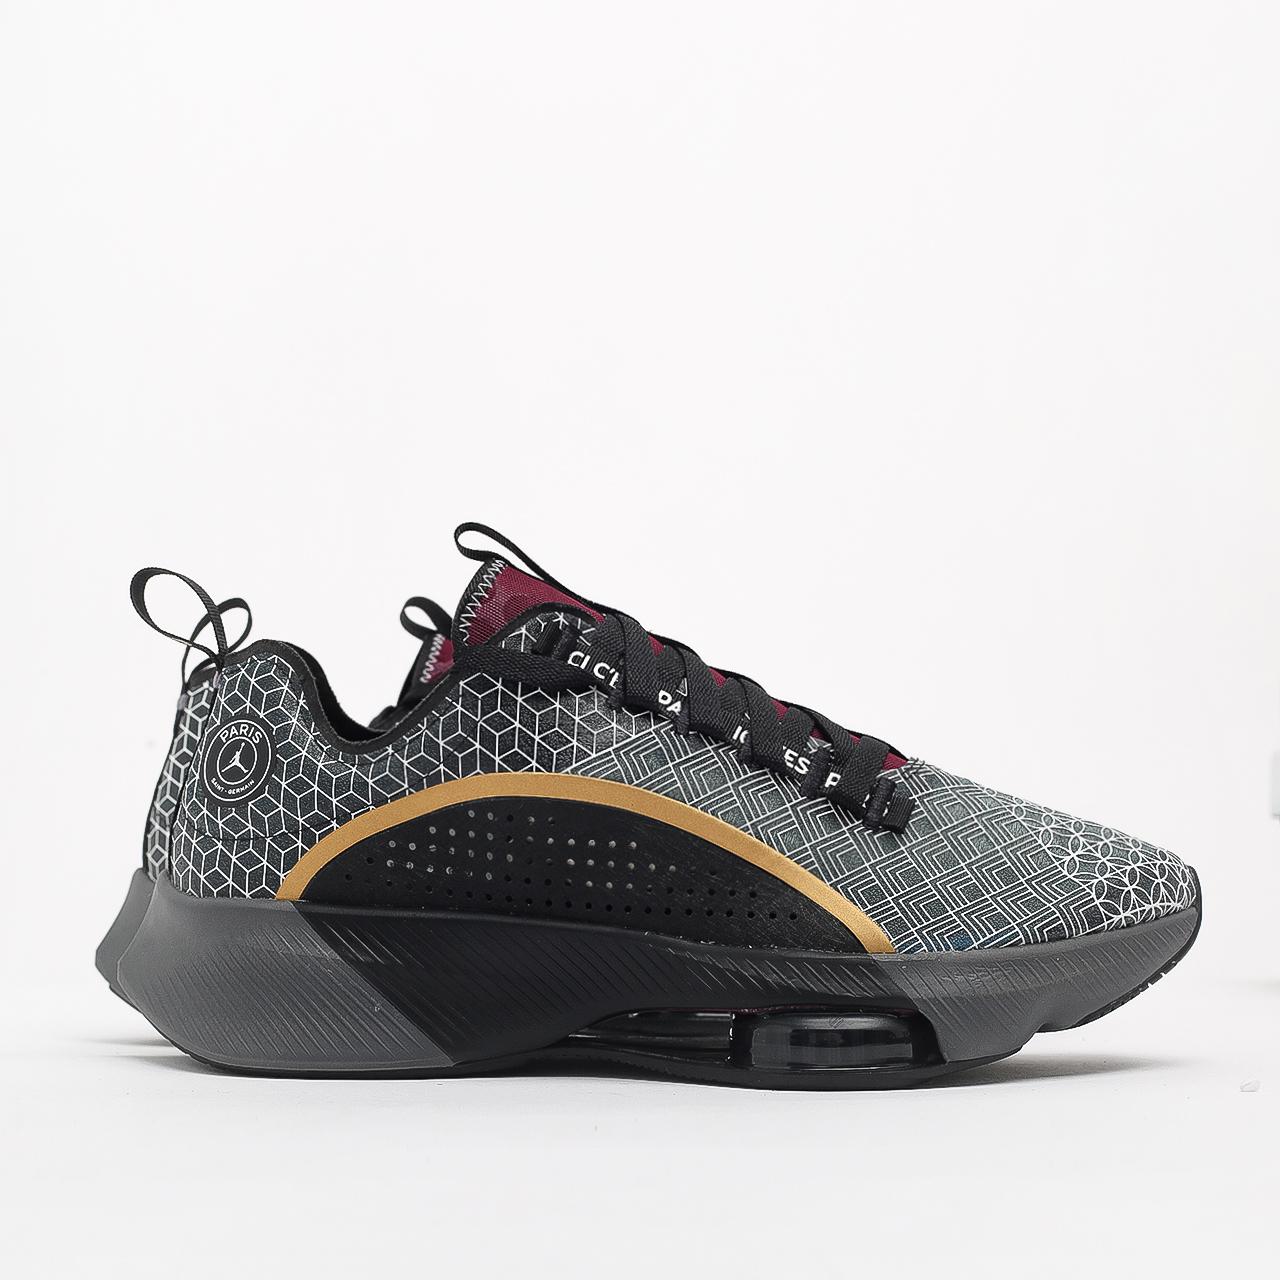 Купить черные мужские кроссовки Air Zoom Renegade PSG от Jordan (CZ3957-001) по цене 11290 рублей